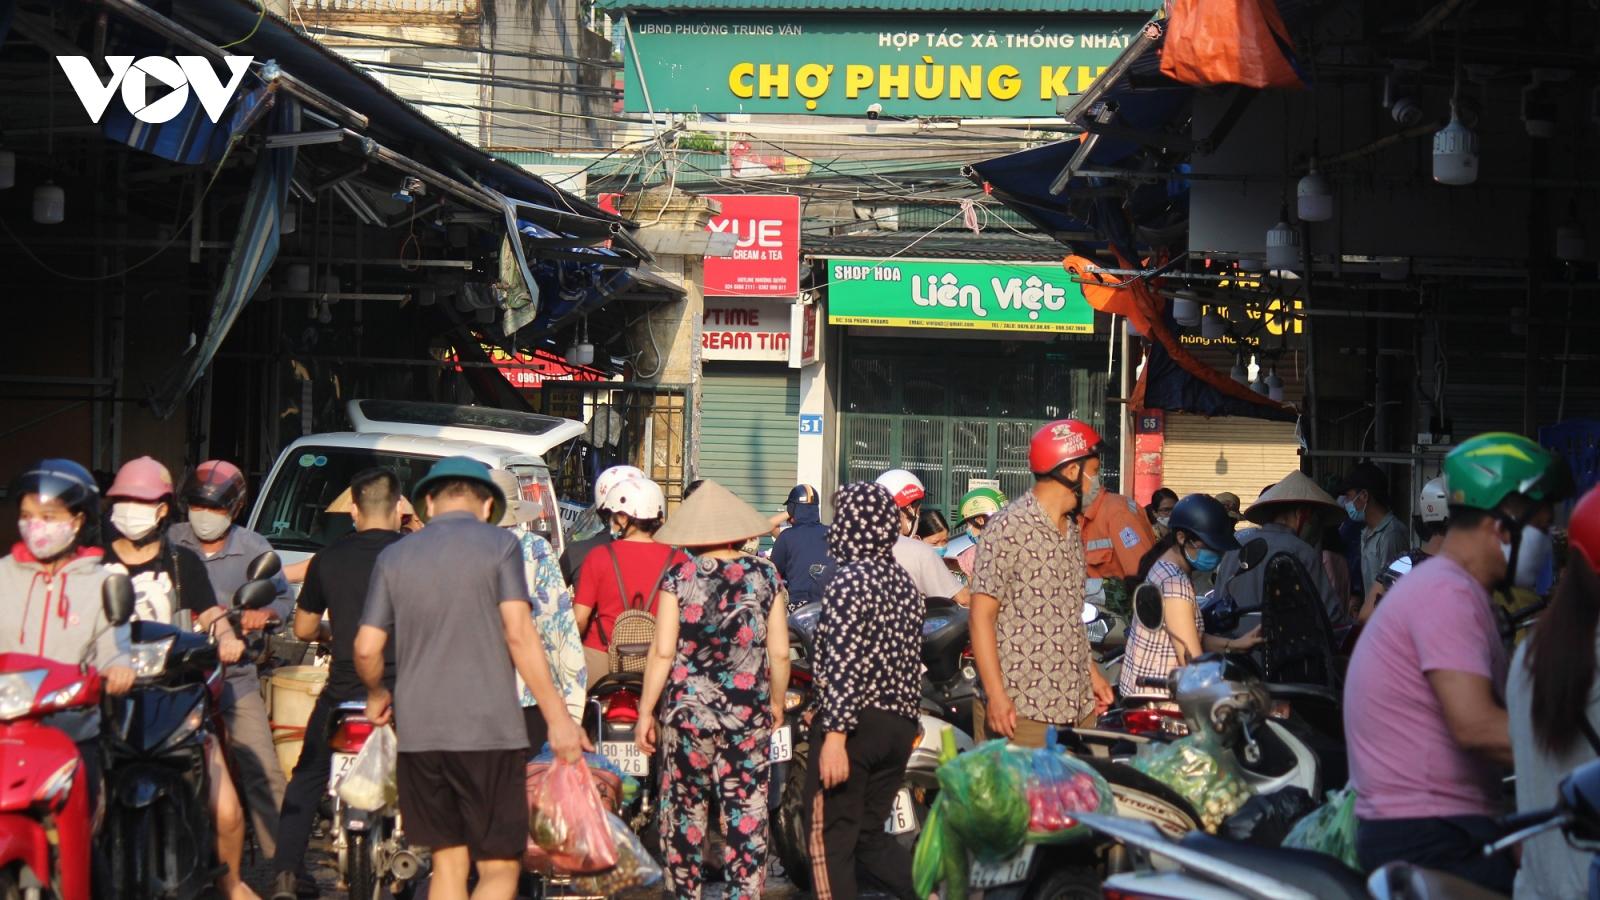 Sáng đầu tiên giãn cách, chợ dân sinh Hà Nội vẫn đông người dù hàng hóa không thiếu